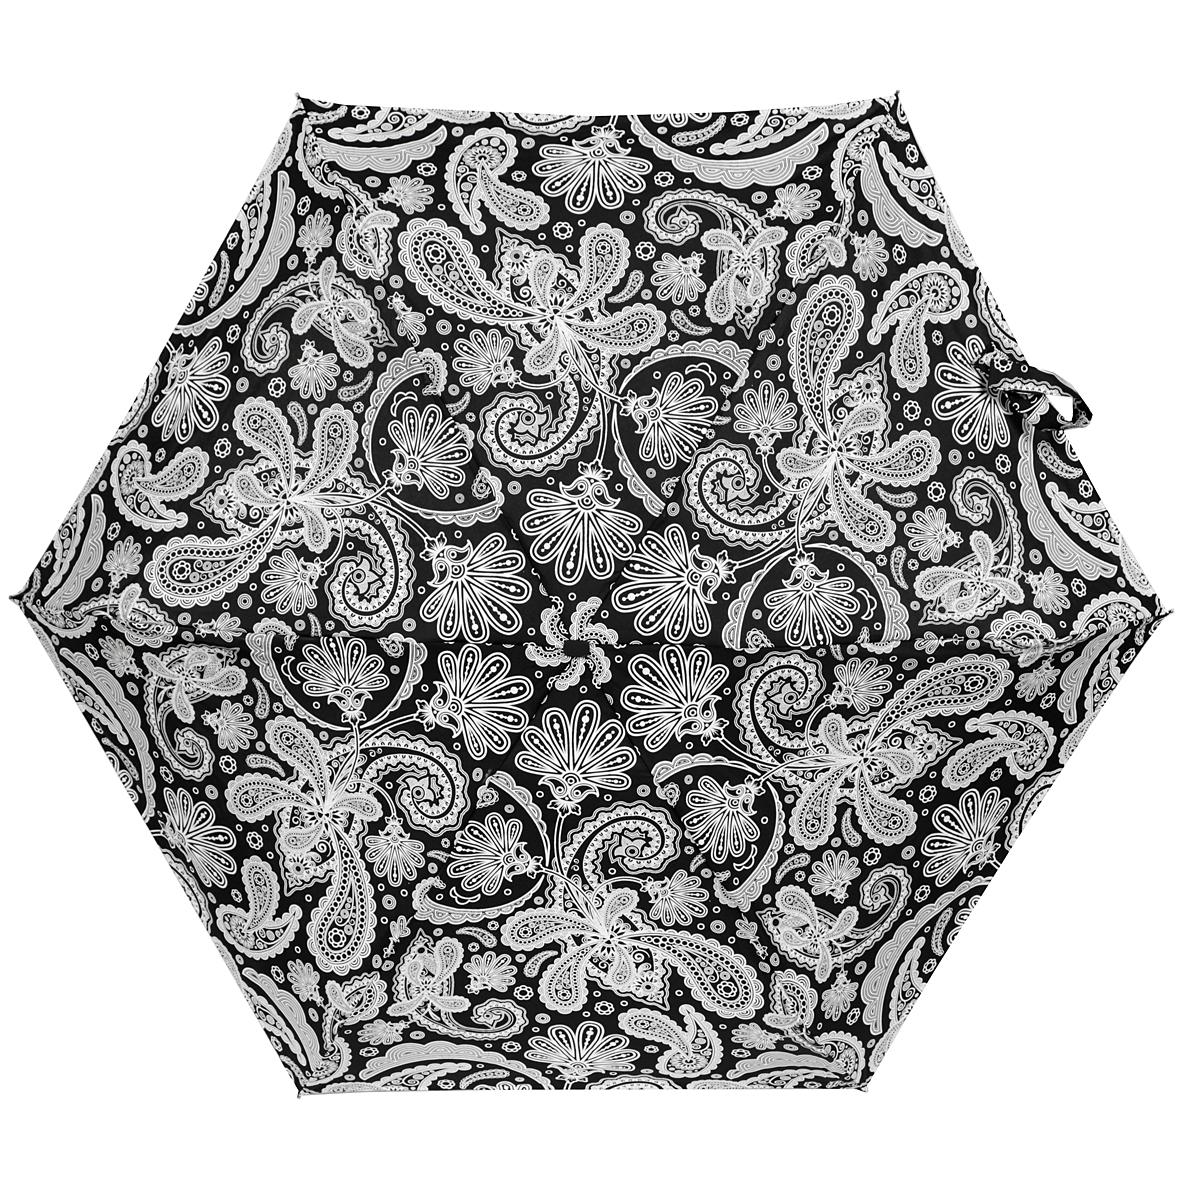 Зонт женский Zest, механический, 5 сложений, цвет: черный, белый. 25569-1191